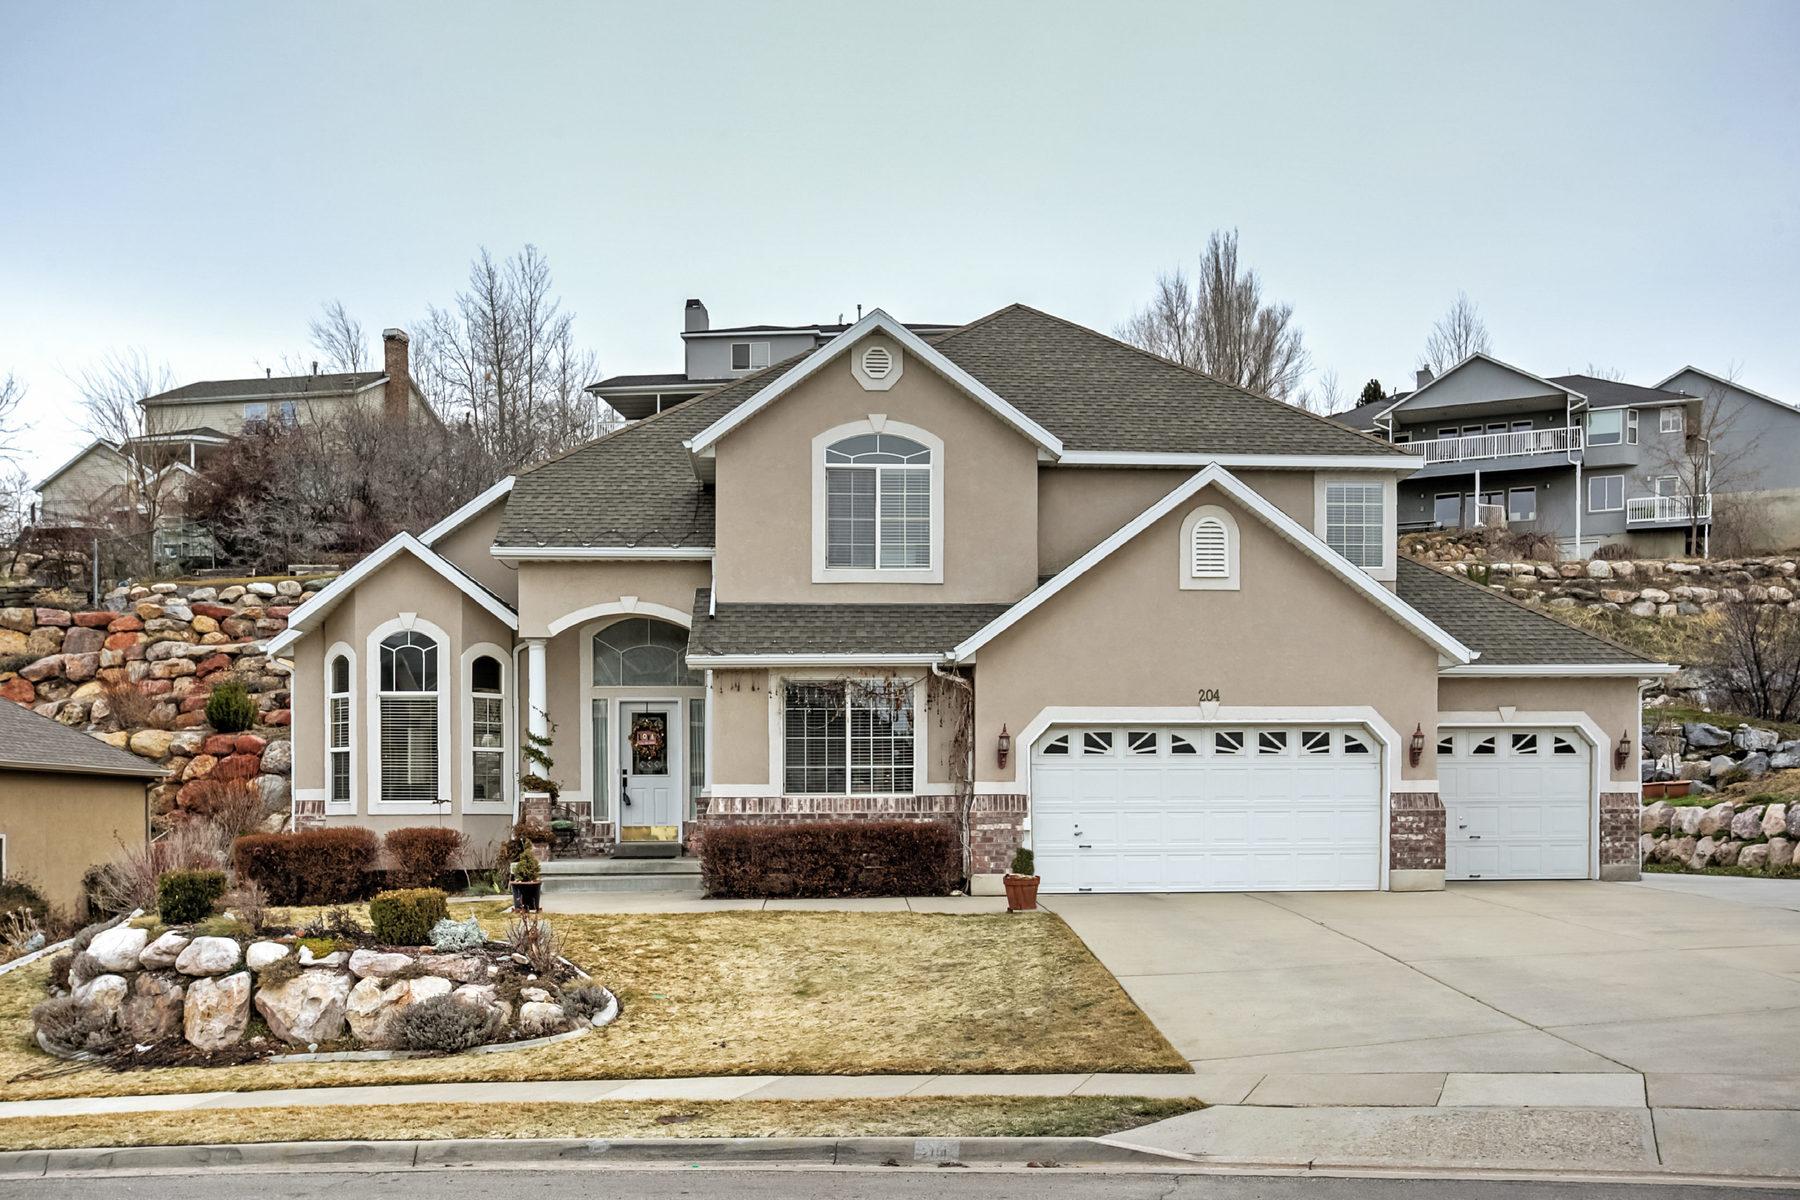 단독 가정 주택 용 매매 에 Elegance in Eaglewood Estates 204 N Fairway Dr North Salt Lake, 유타, 84054 미국